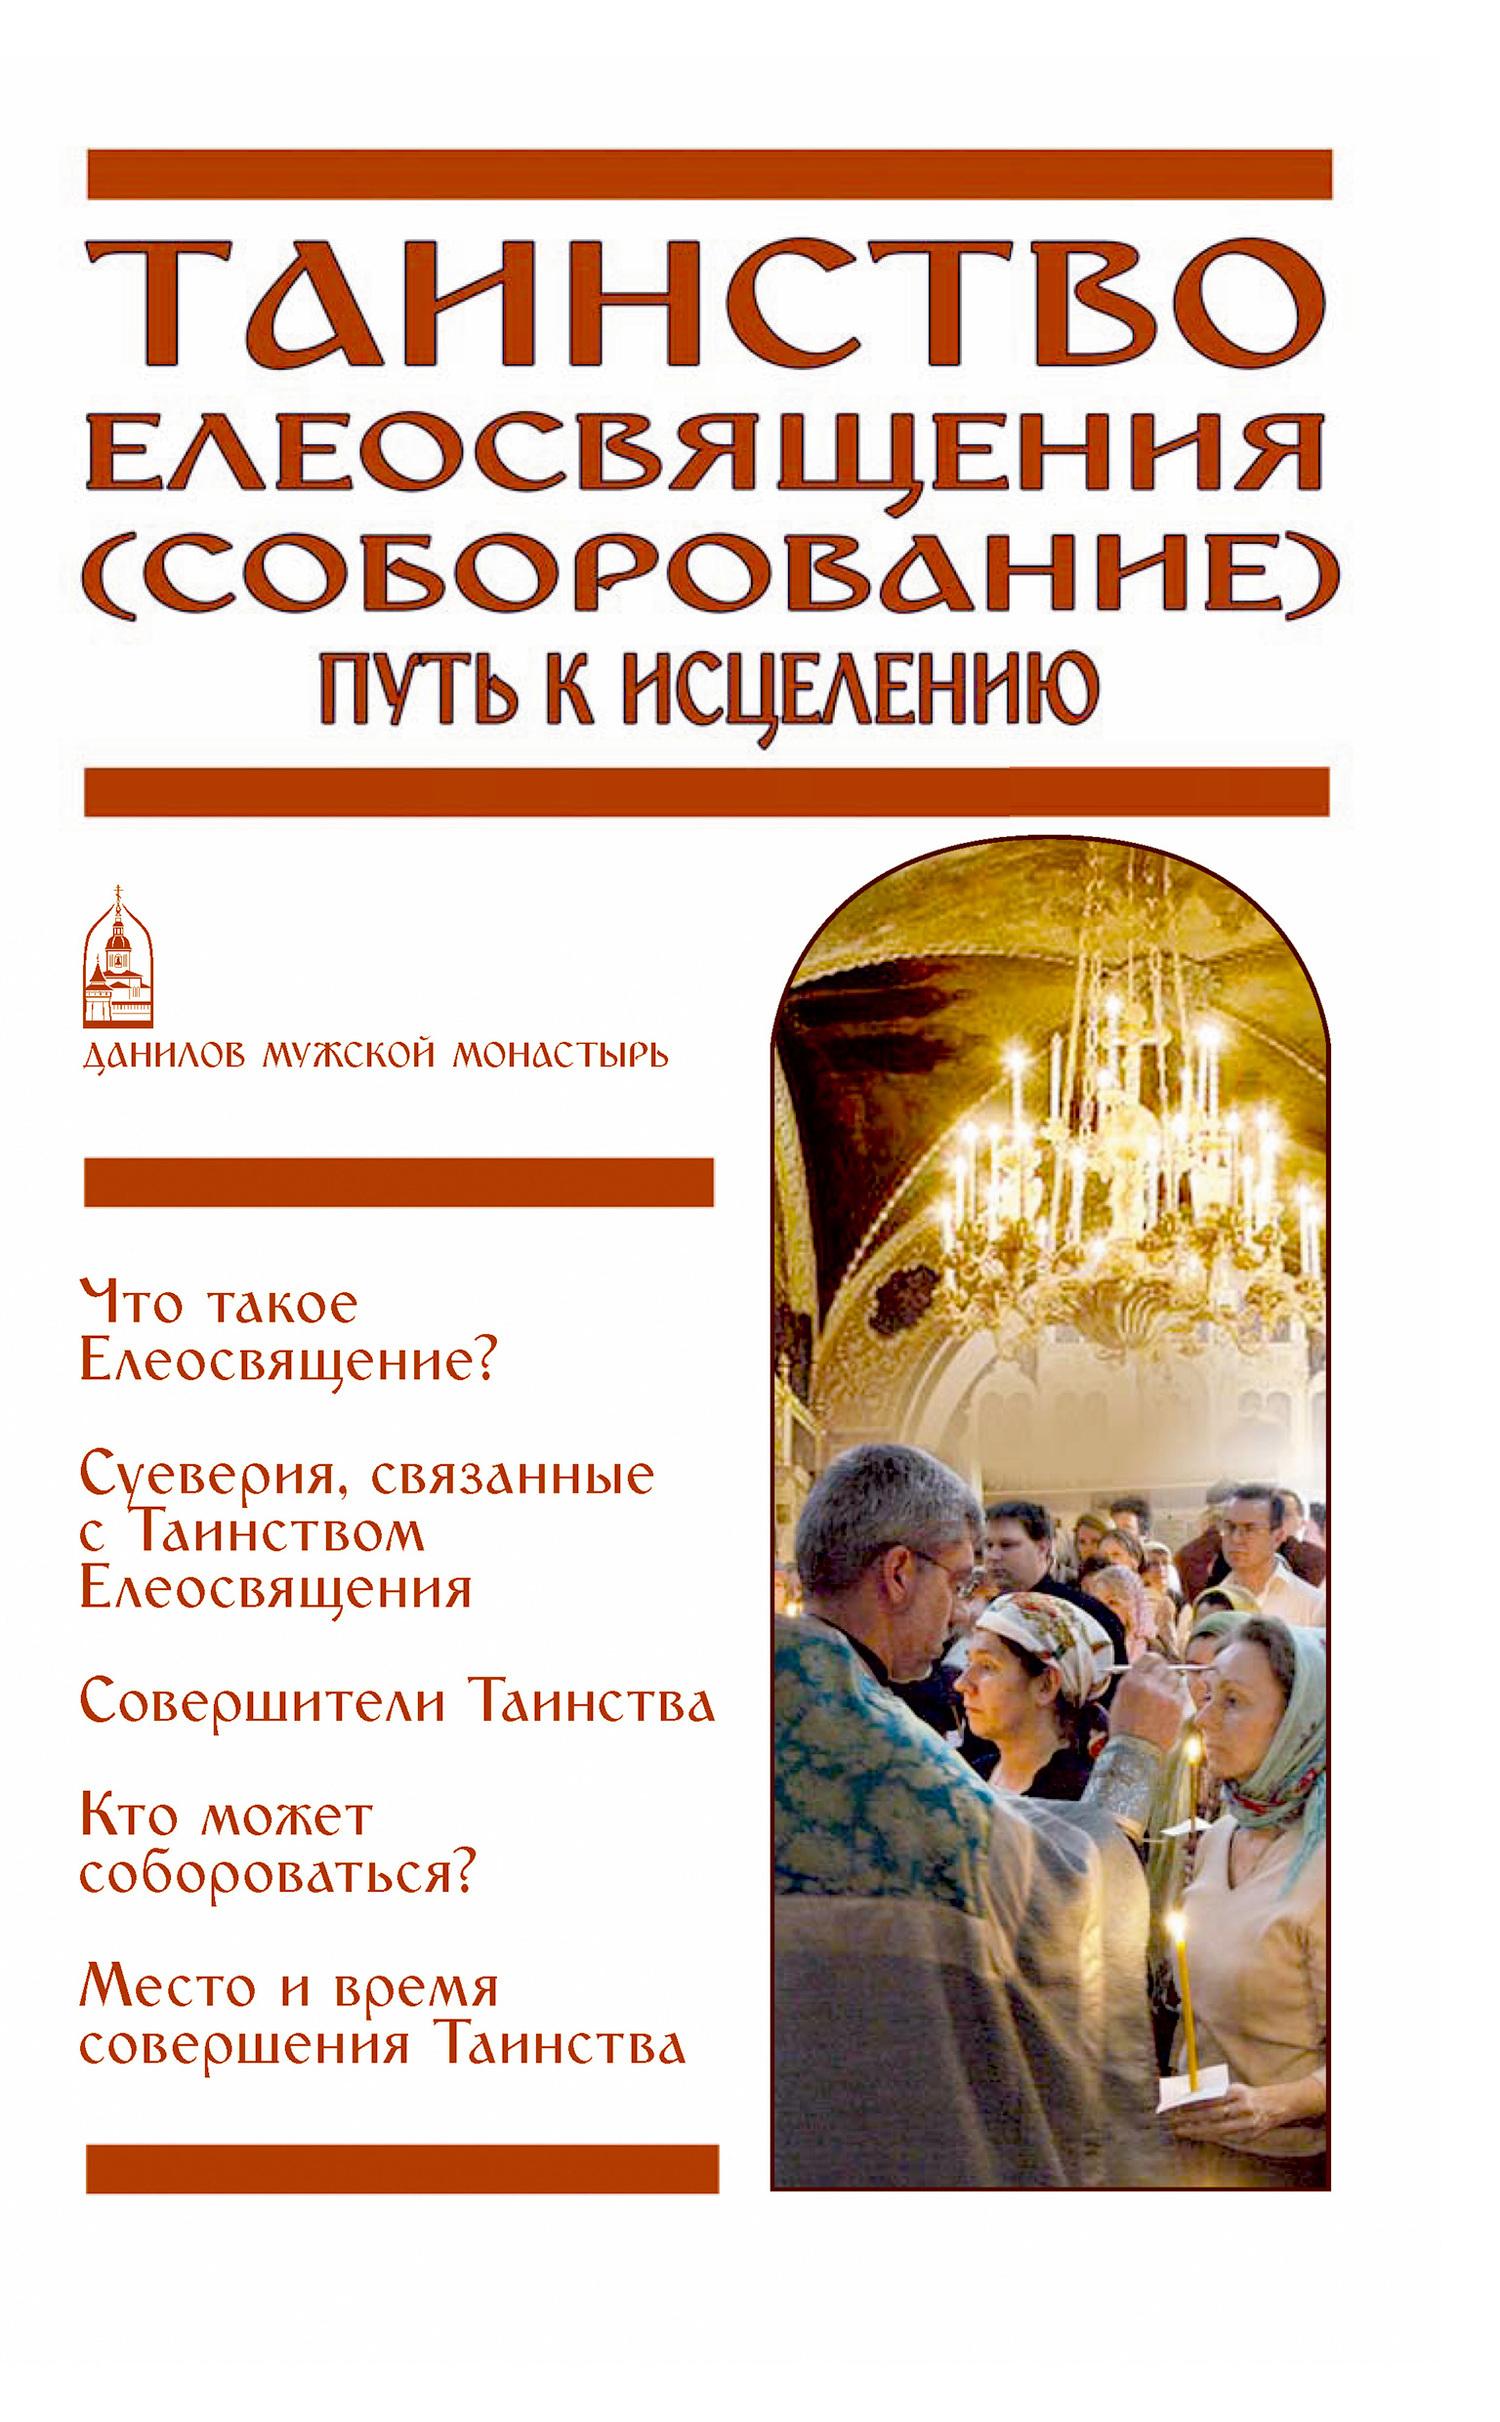 Вячеслав Пономарев - Таинство Елеосвящения (Соборование). Путь к исцелению